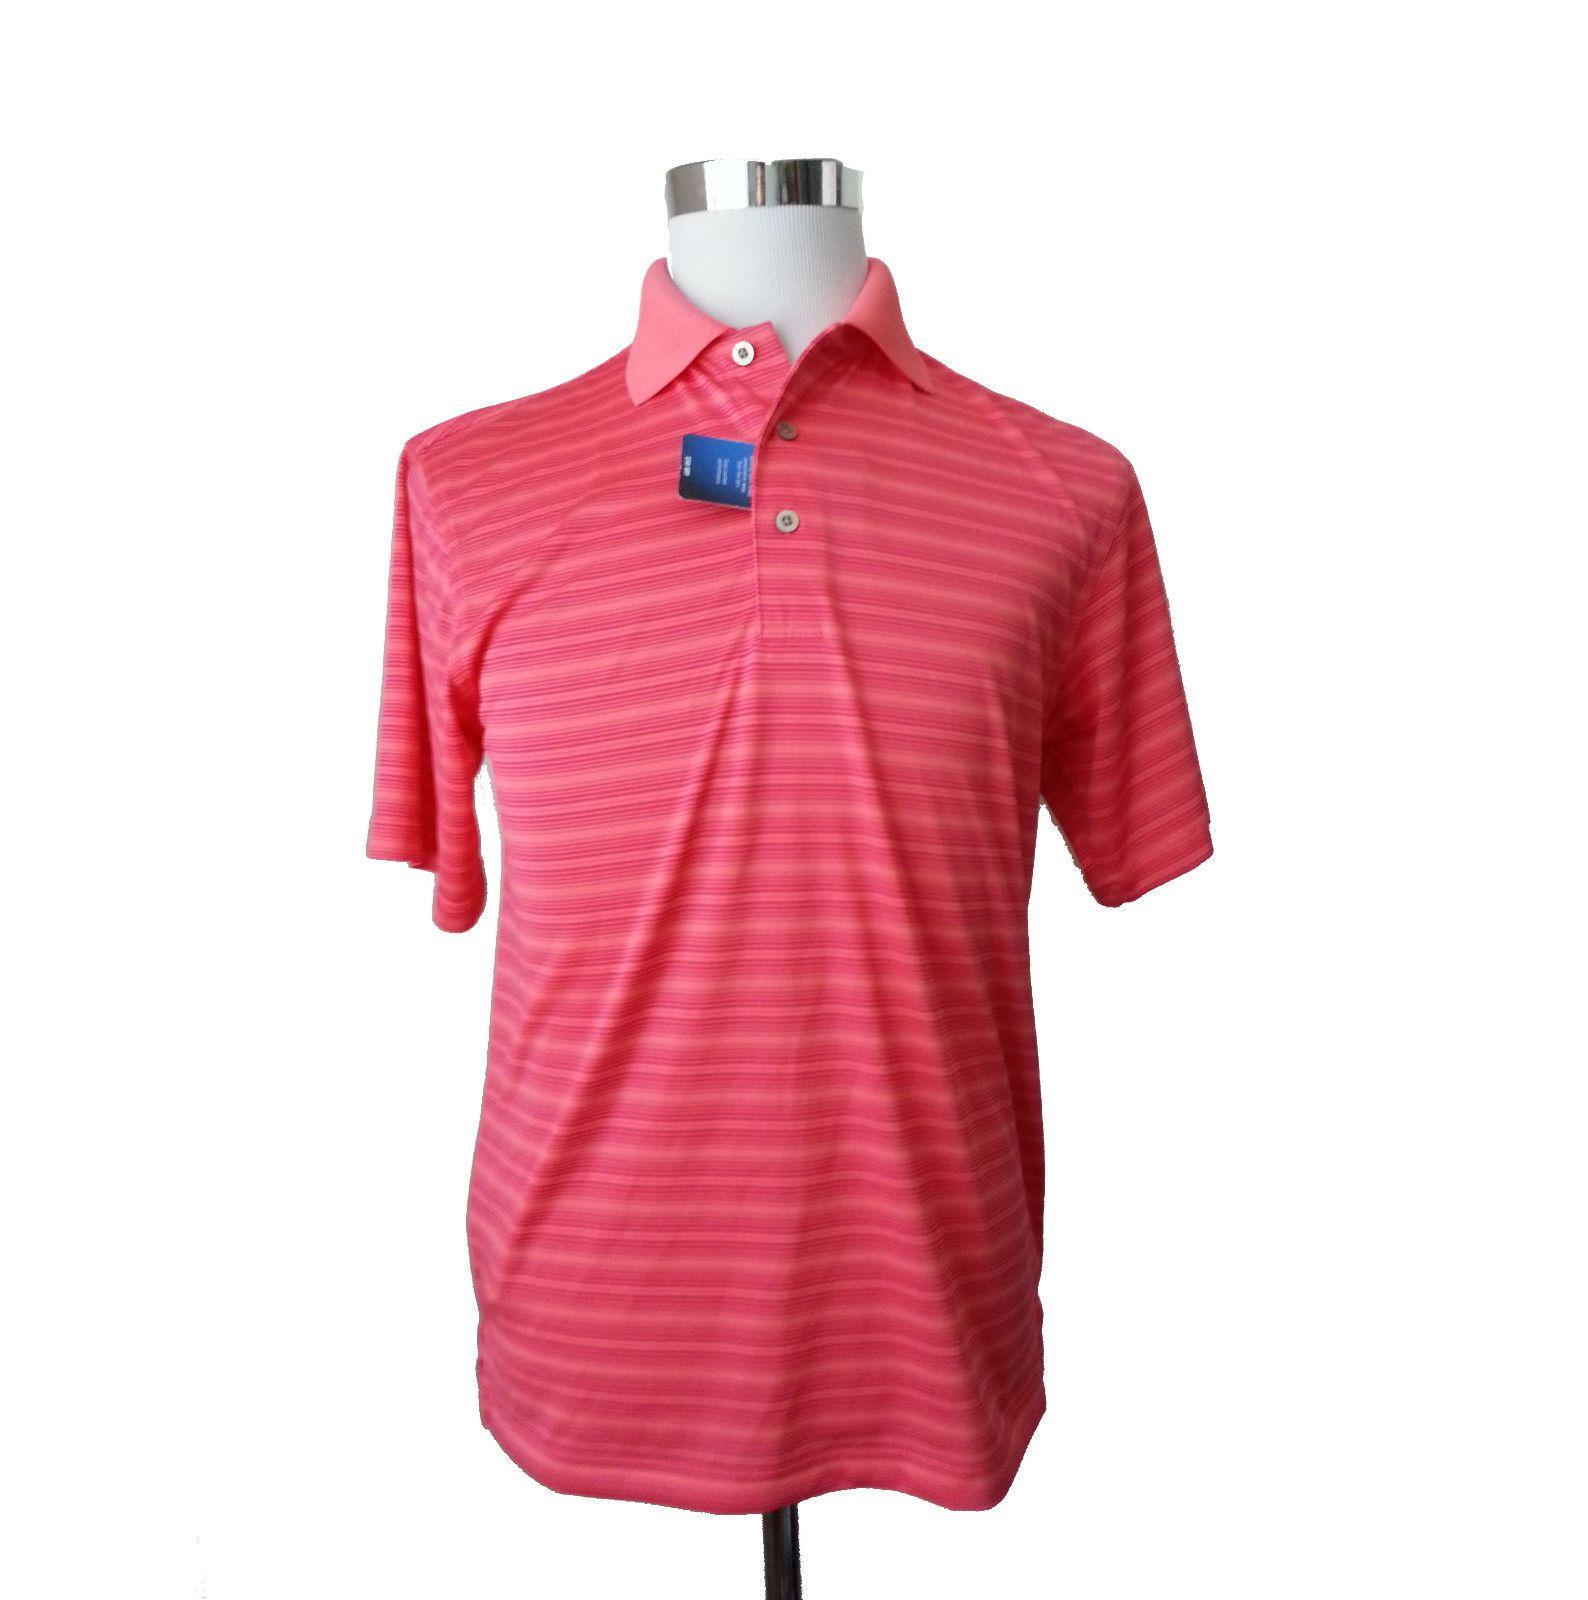 4e5f5e14 Pink Polo Shirts Ebay | Top Mode Depot